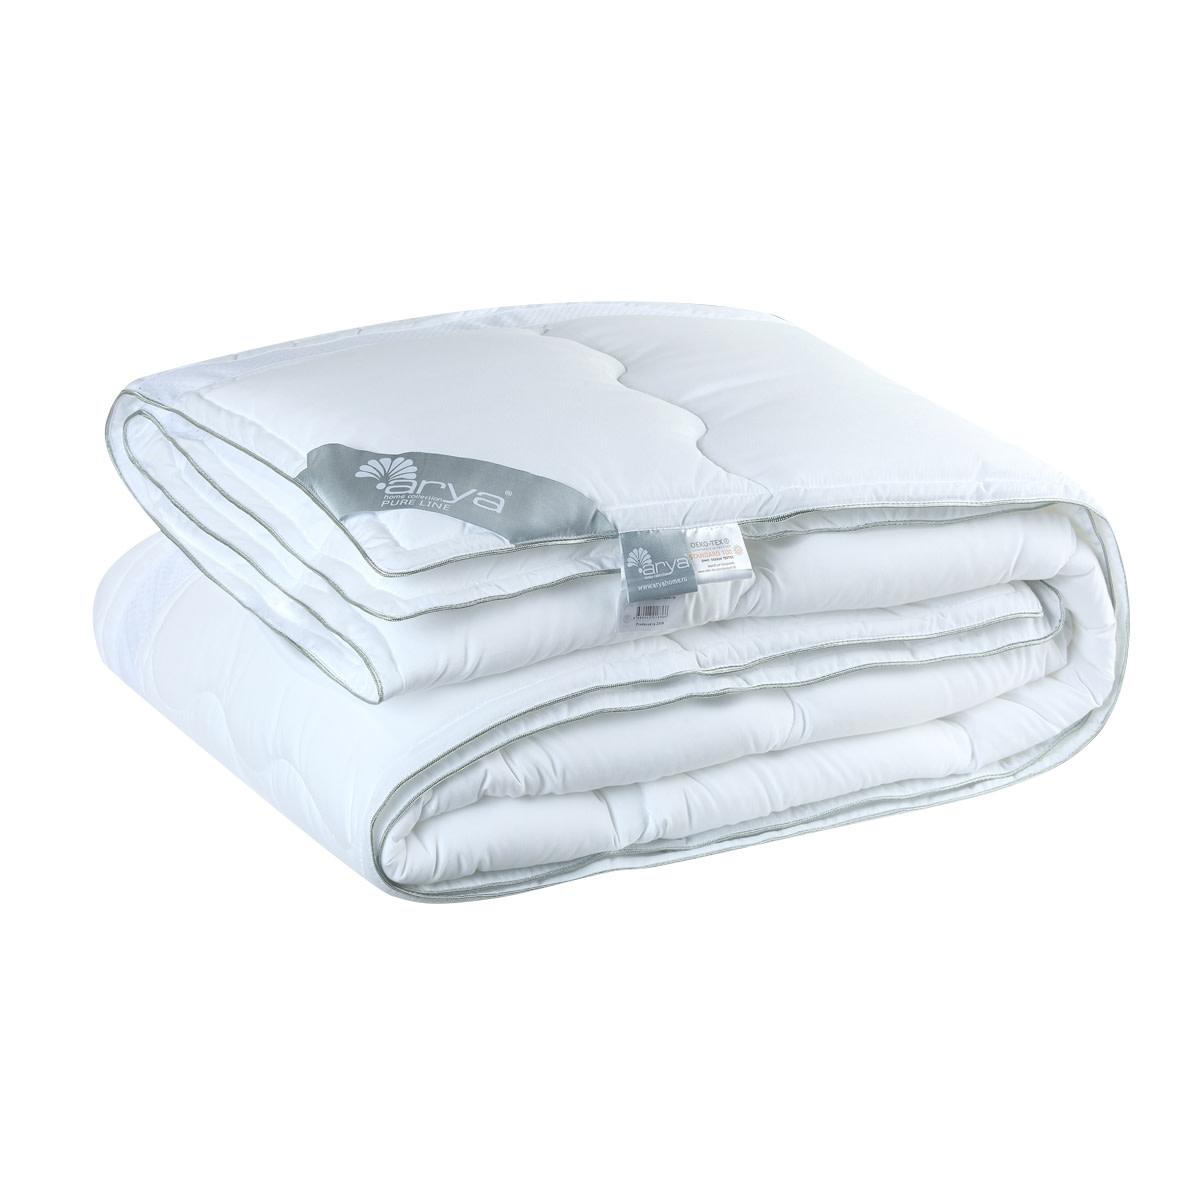 Одеяло Arya home collection Climarelle 215х155 см силиконизированное волокно